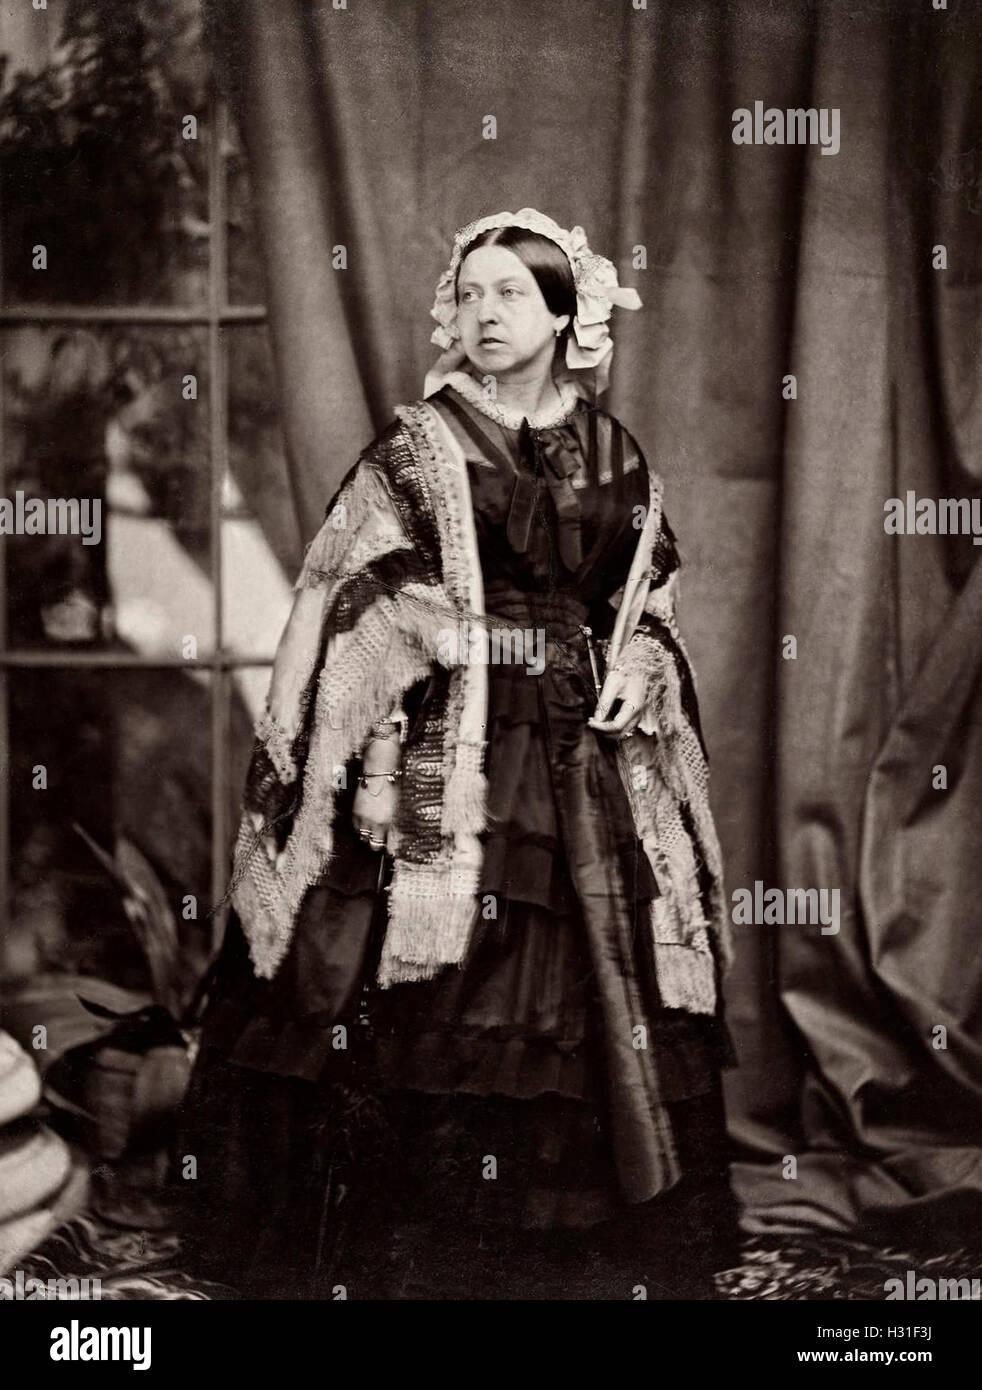 Queen Victoria, circa 1860 - Stock Image